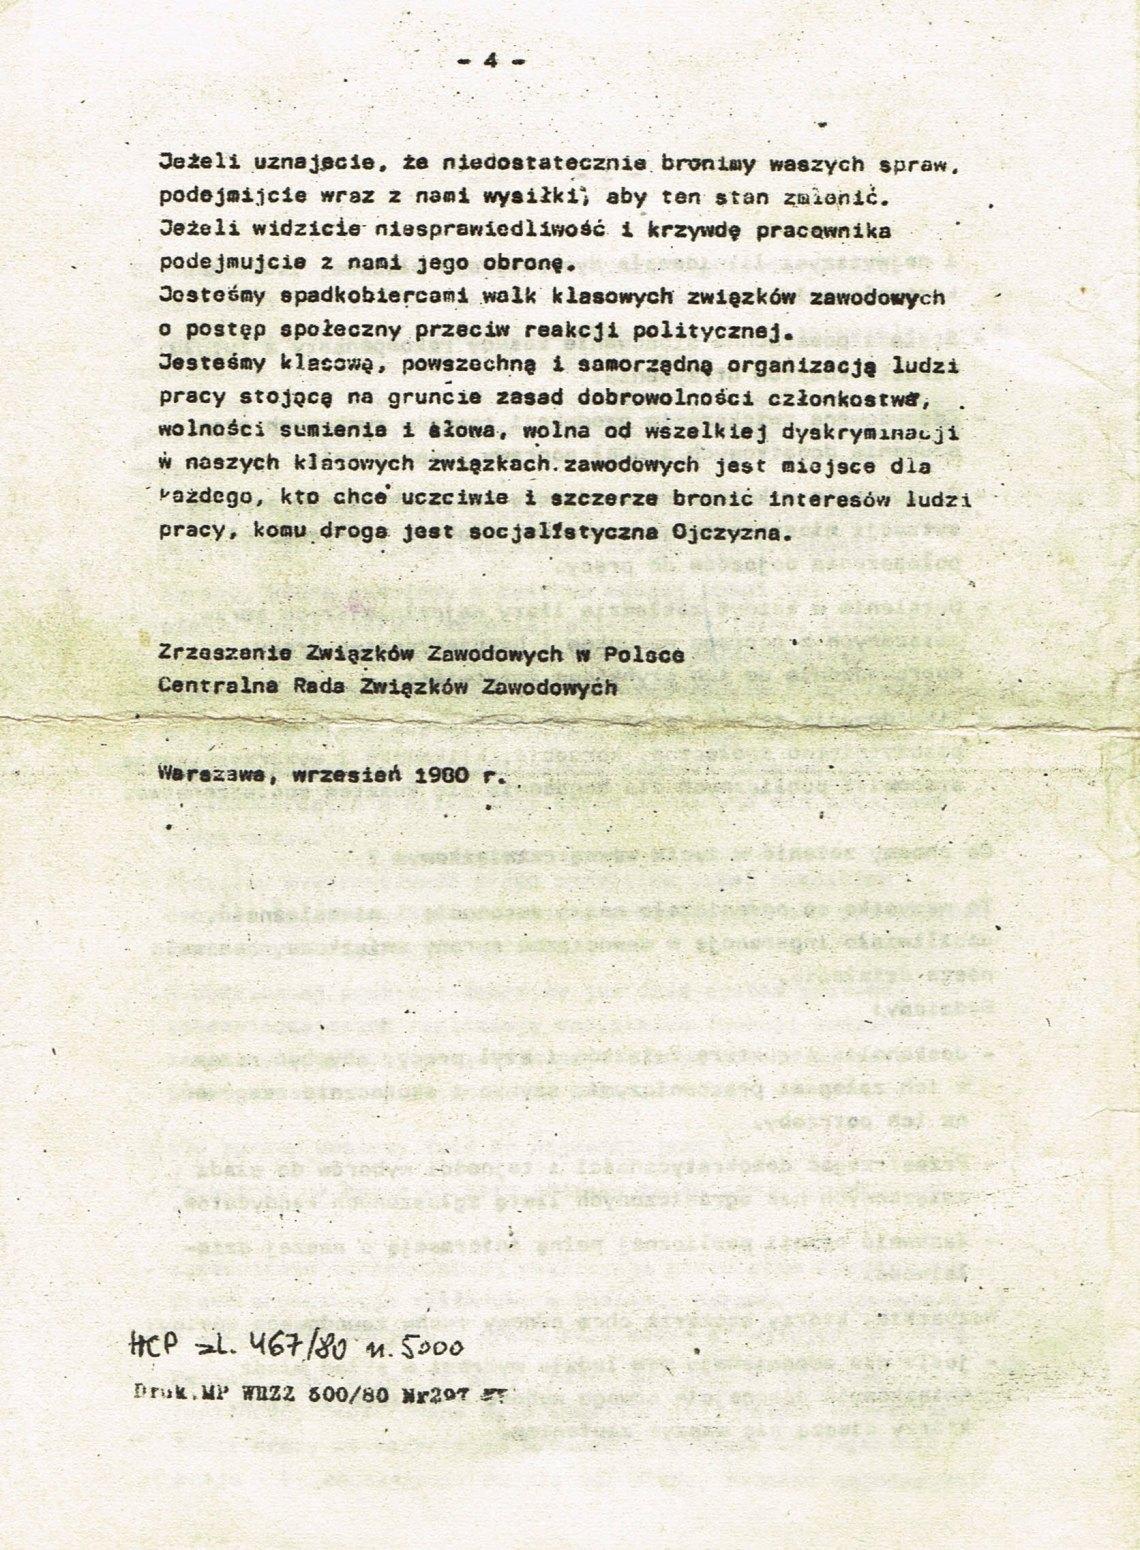 Z Archiwum Solidarności: Deklaracja Centralnej Rady Związków Zawodowych Strona 4